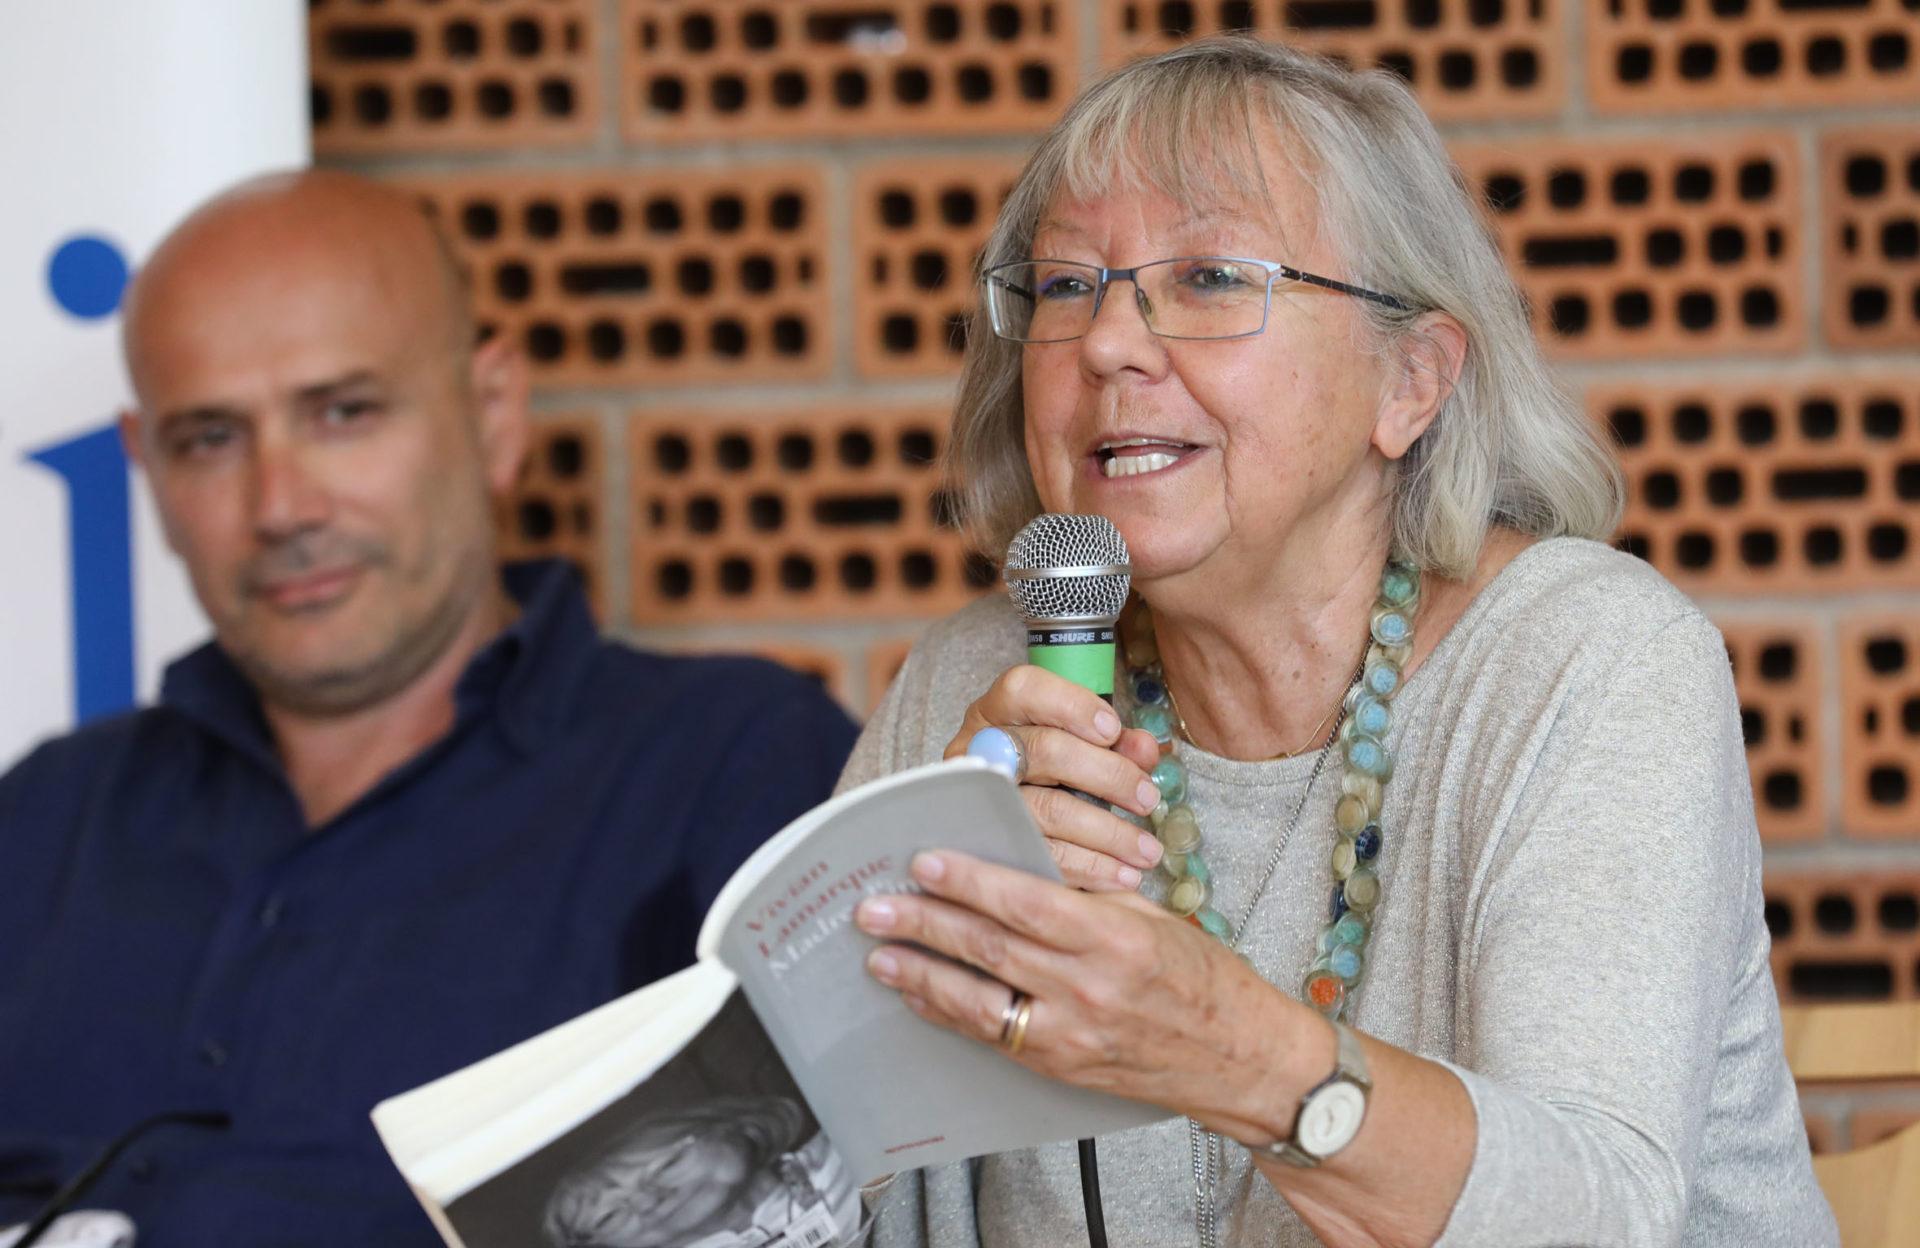 Vivian Lamarque a Poesia Festival '17 - photo © S.Campanini